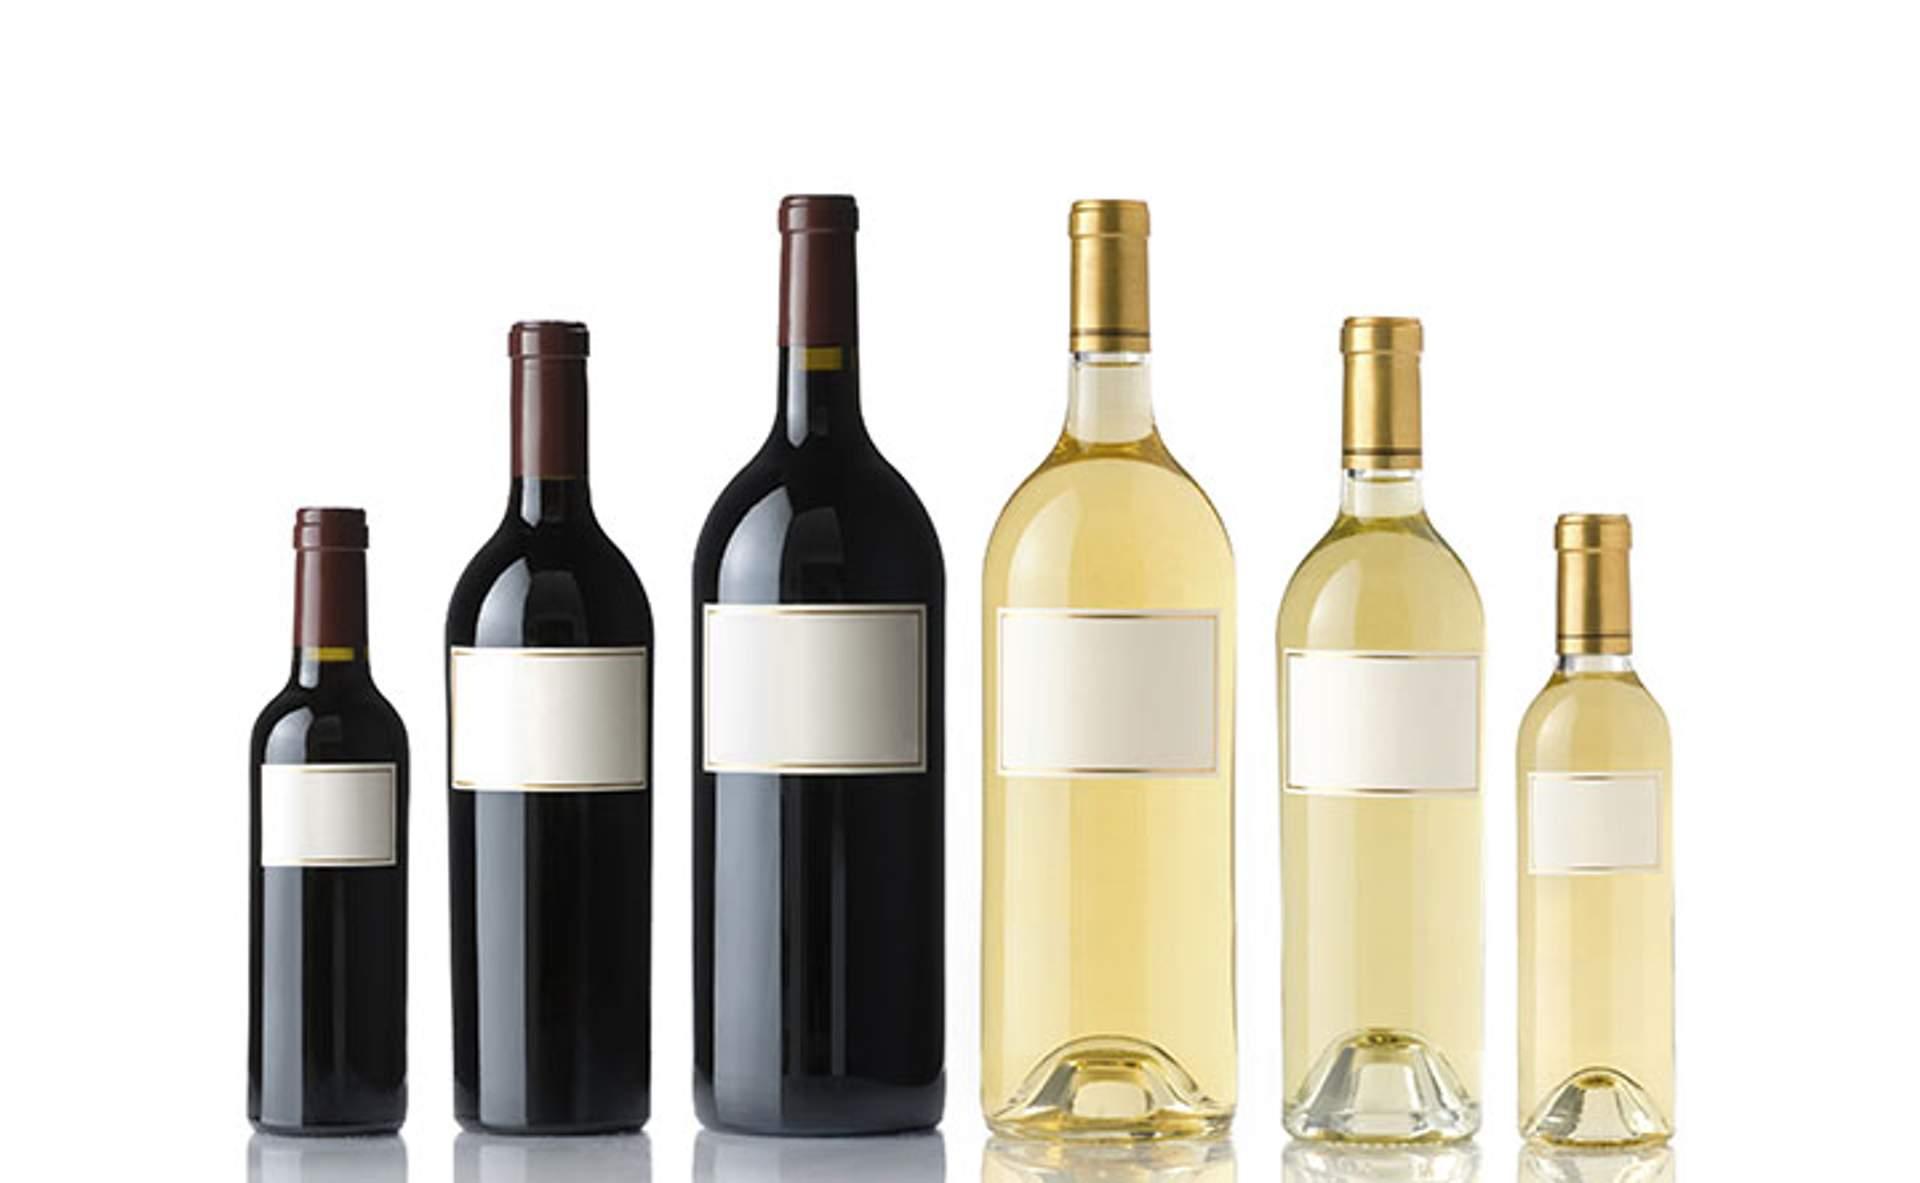 Conseils pour bien choisir sa bouteille de vin